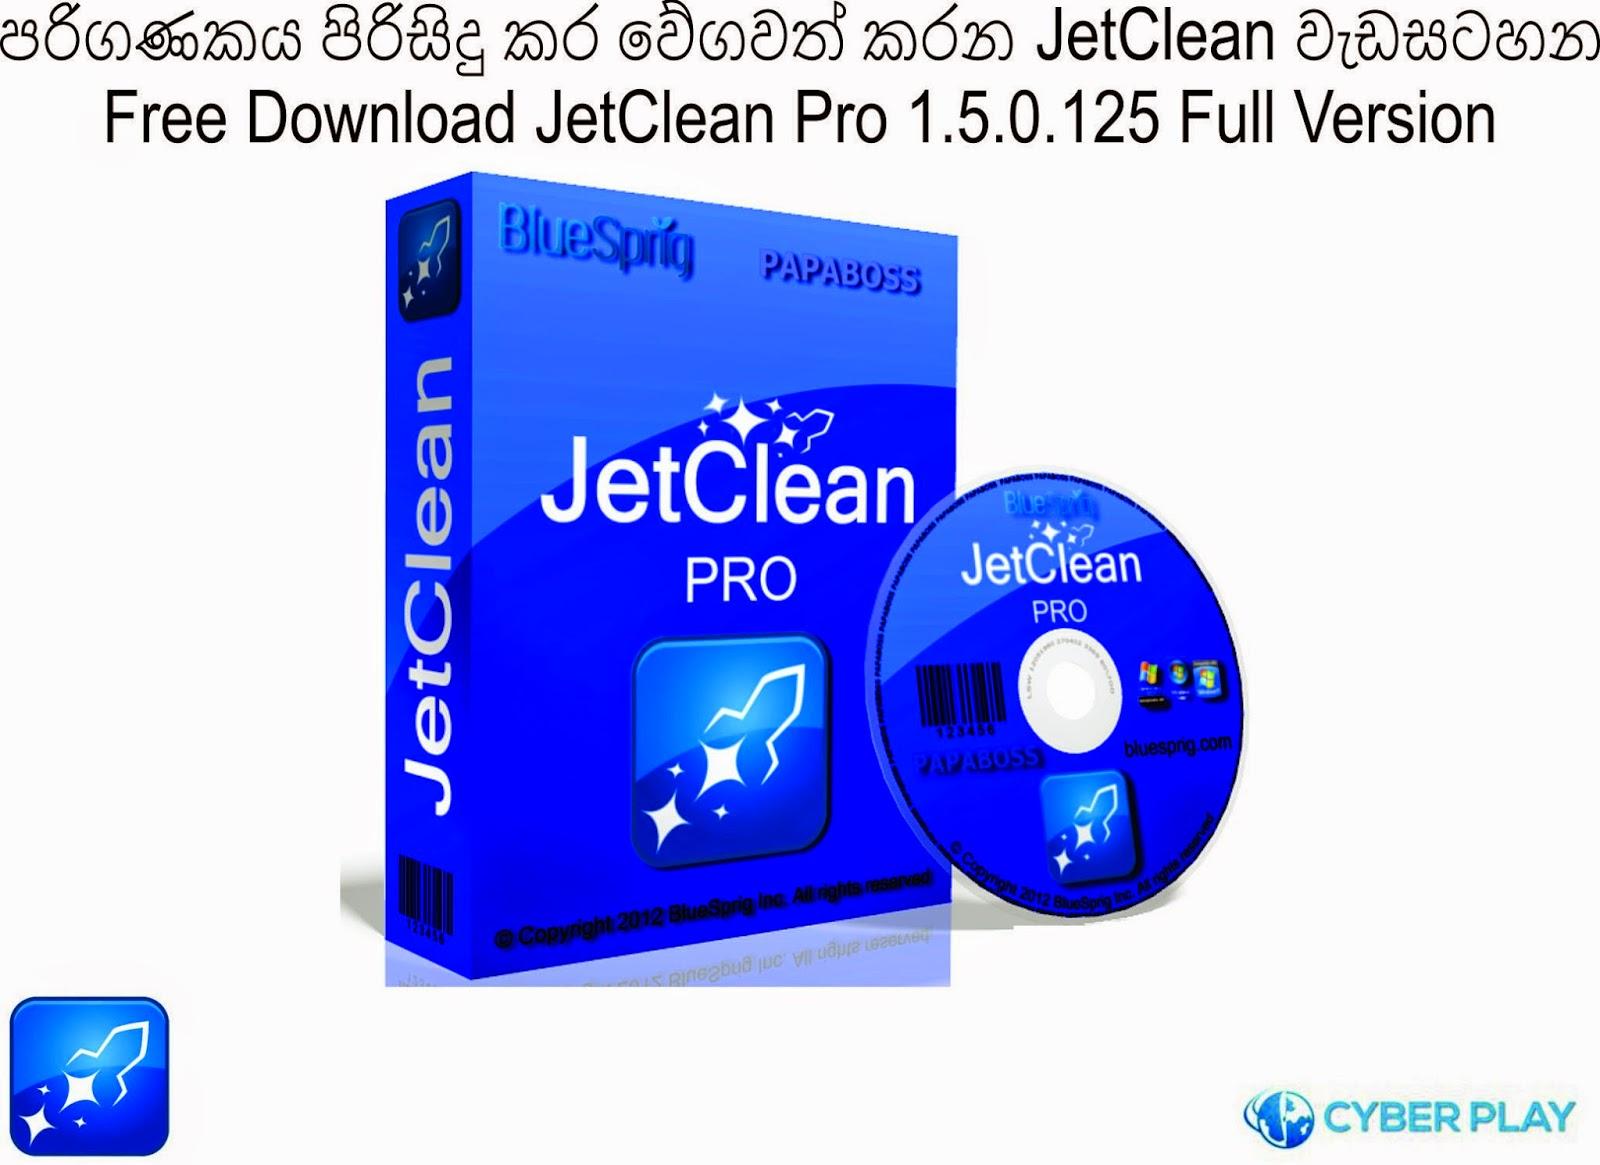 පරිගණකය පිරිසිදු කර වේගවත් කරන JetClean වැඩසටහන   Improve ...